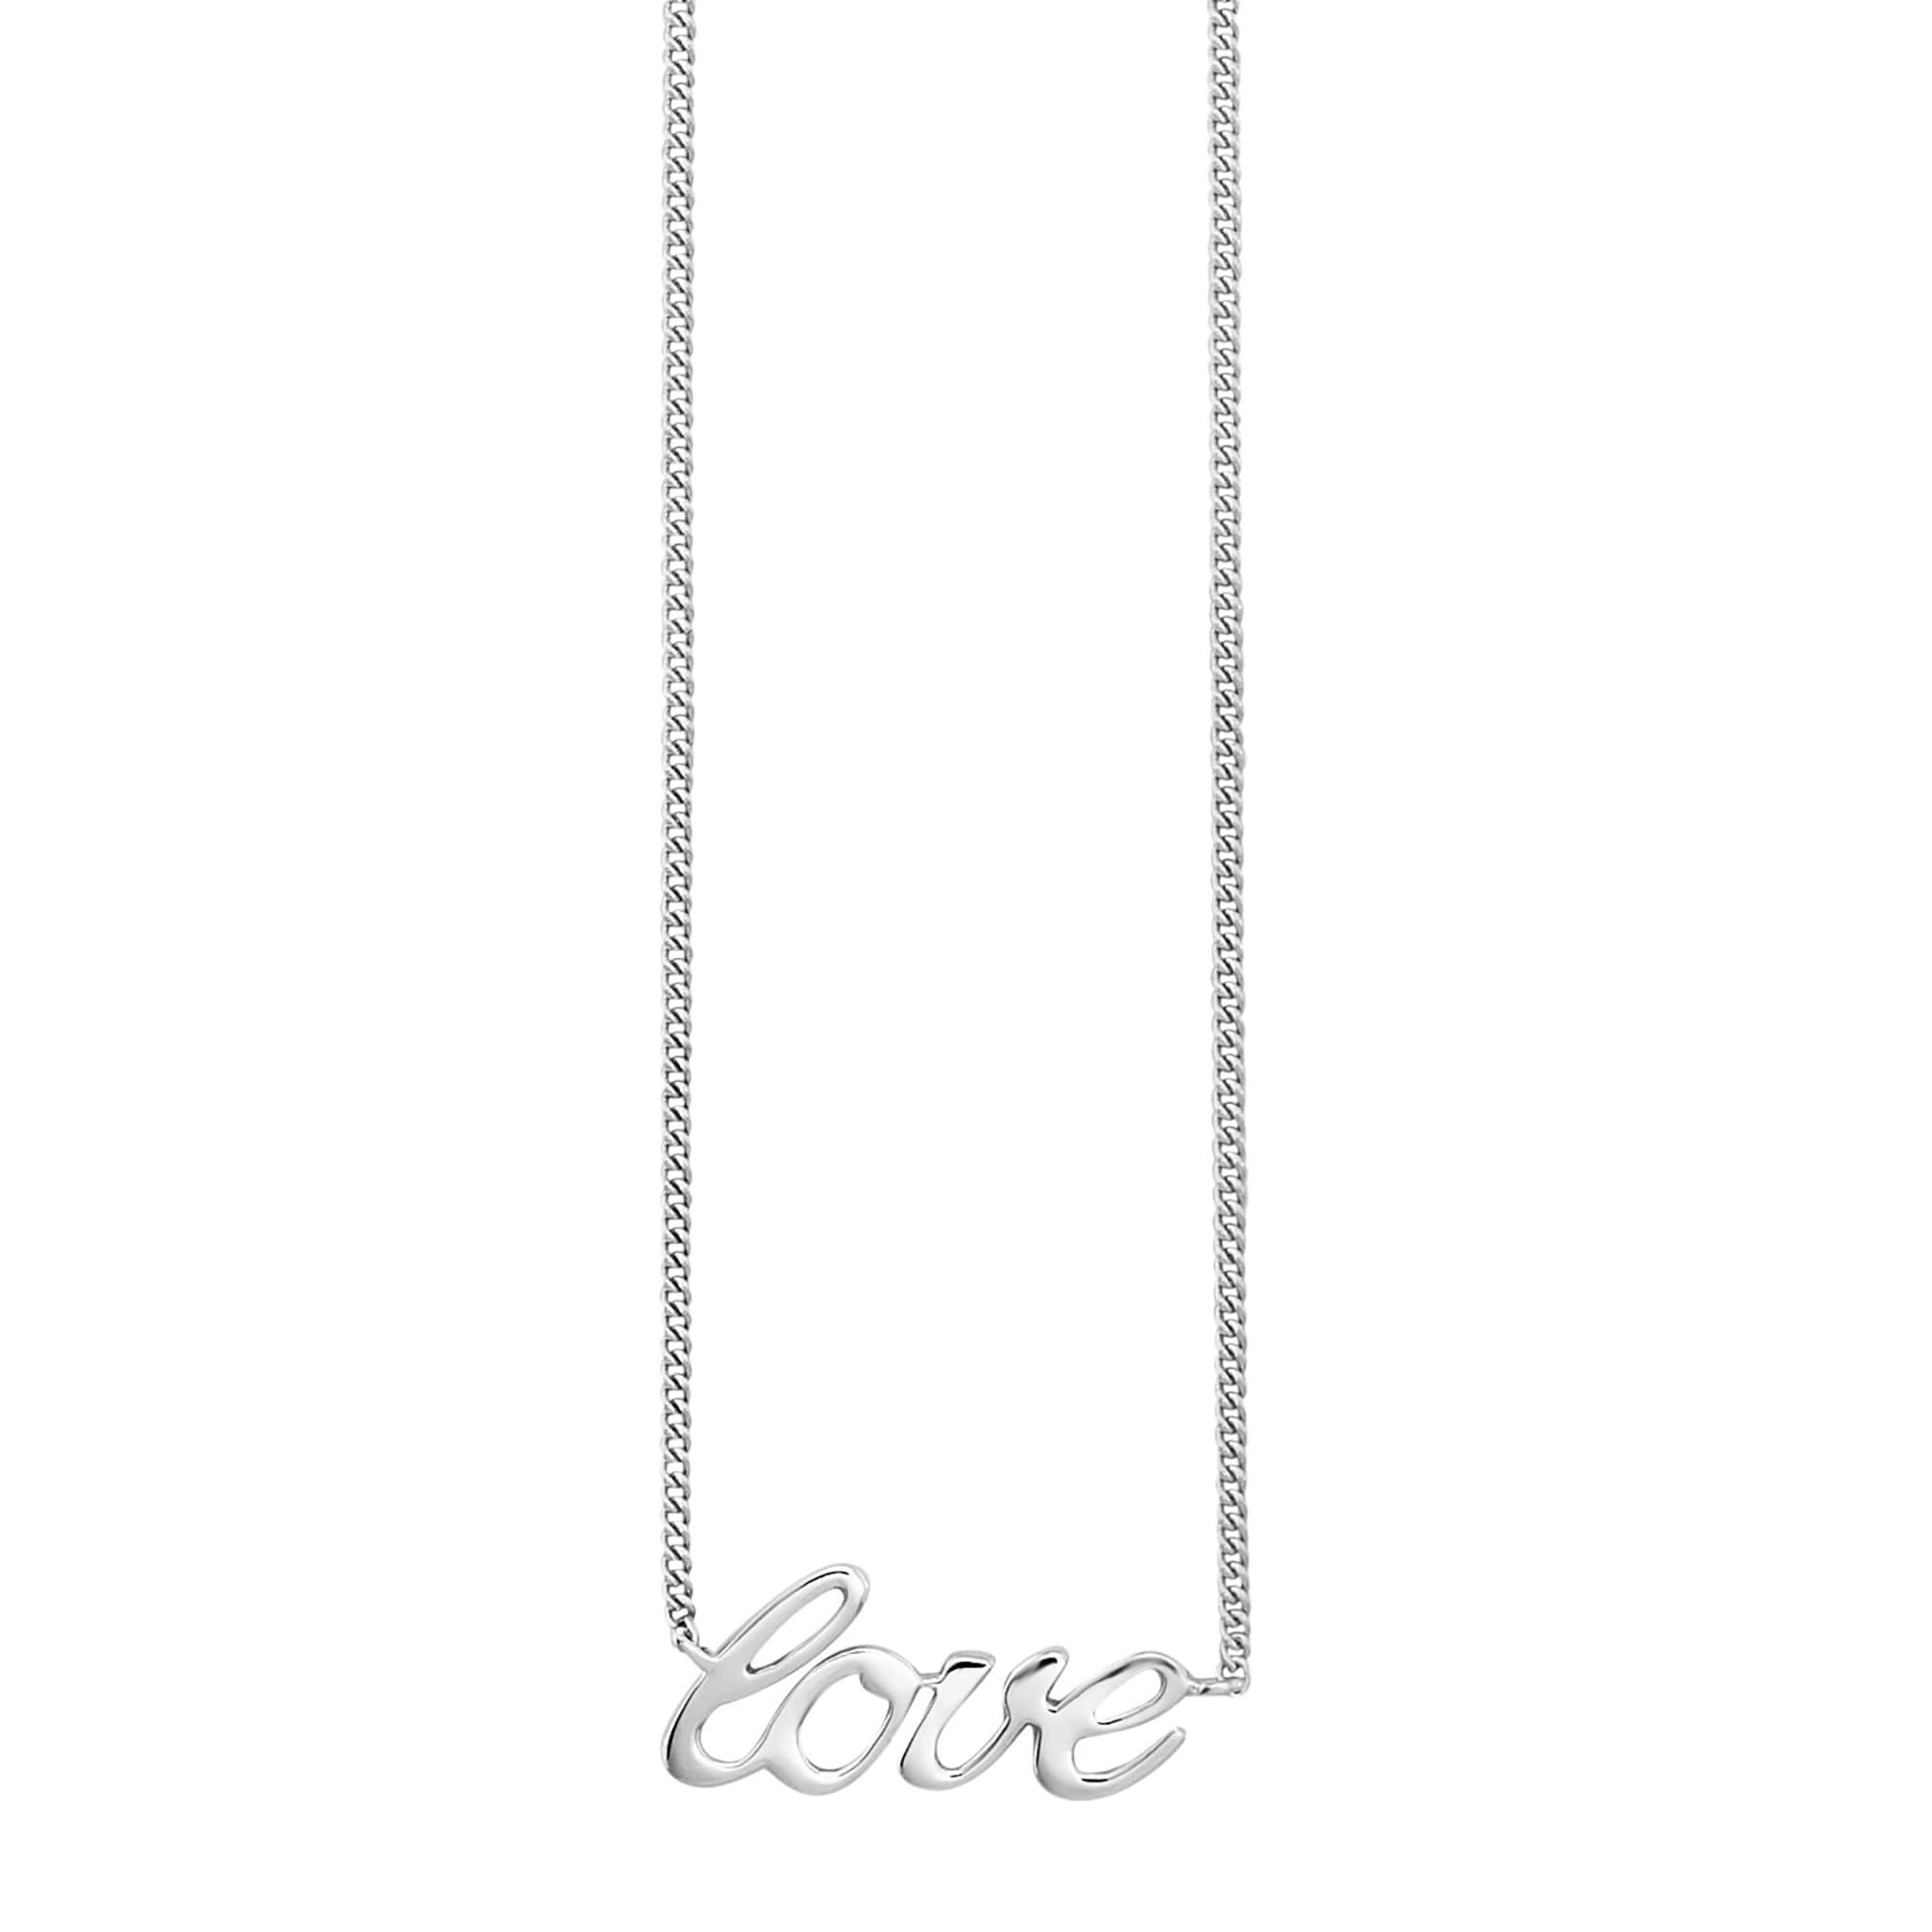 Cai Collier 925/- Sterling Silber rhodiniert LOVE | Schmuck | Weiß | Cai